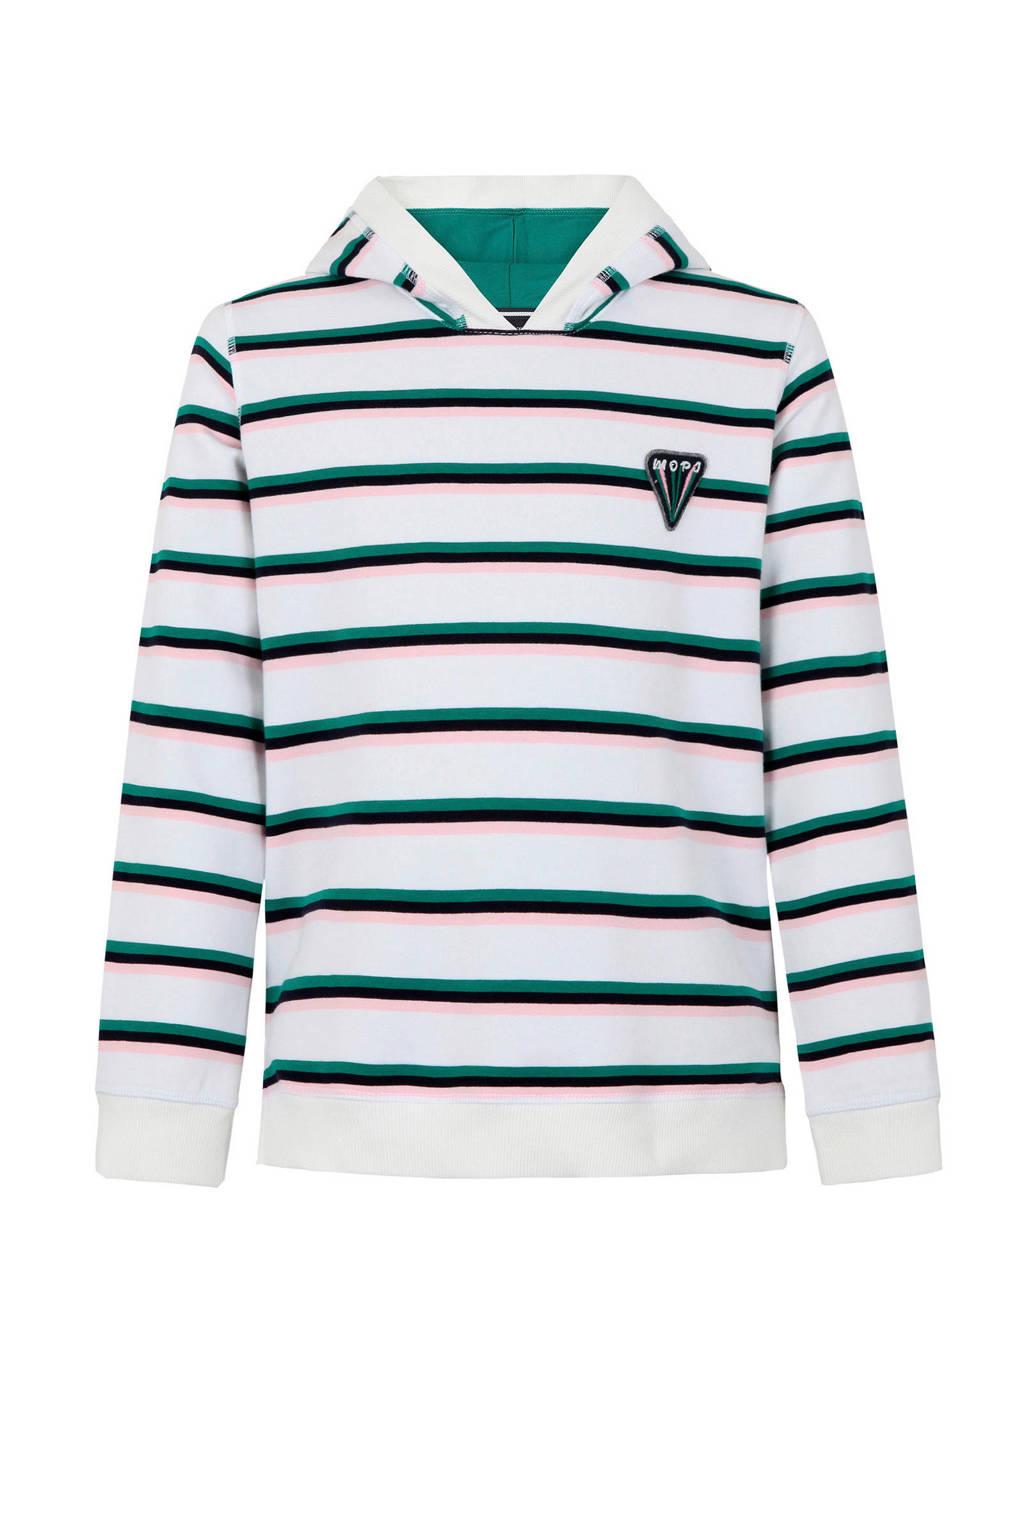 Marc O'Polo gestreepte hoodie wit/groen/roze, Wit/groen/roze